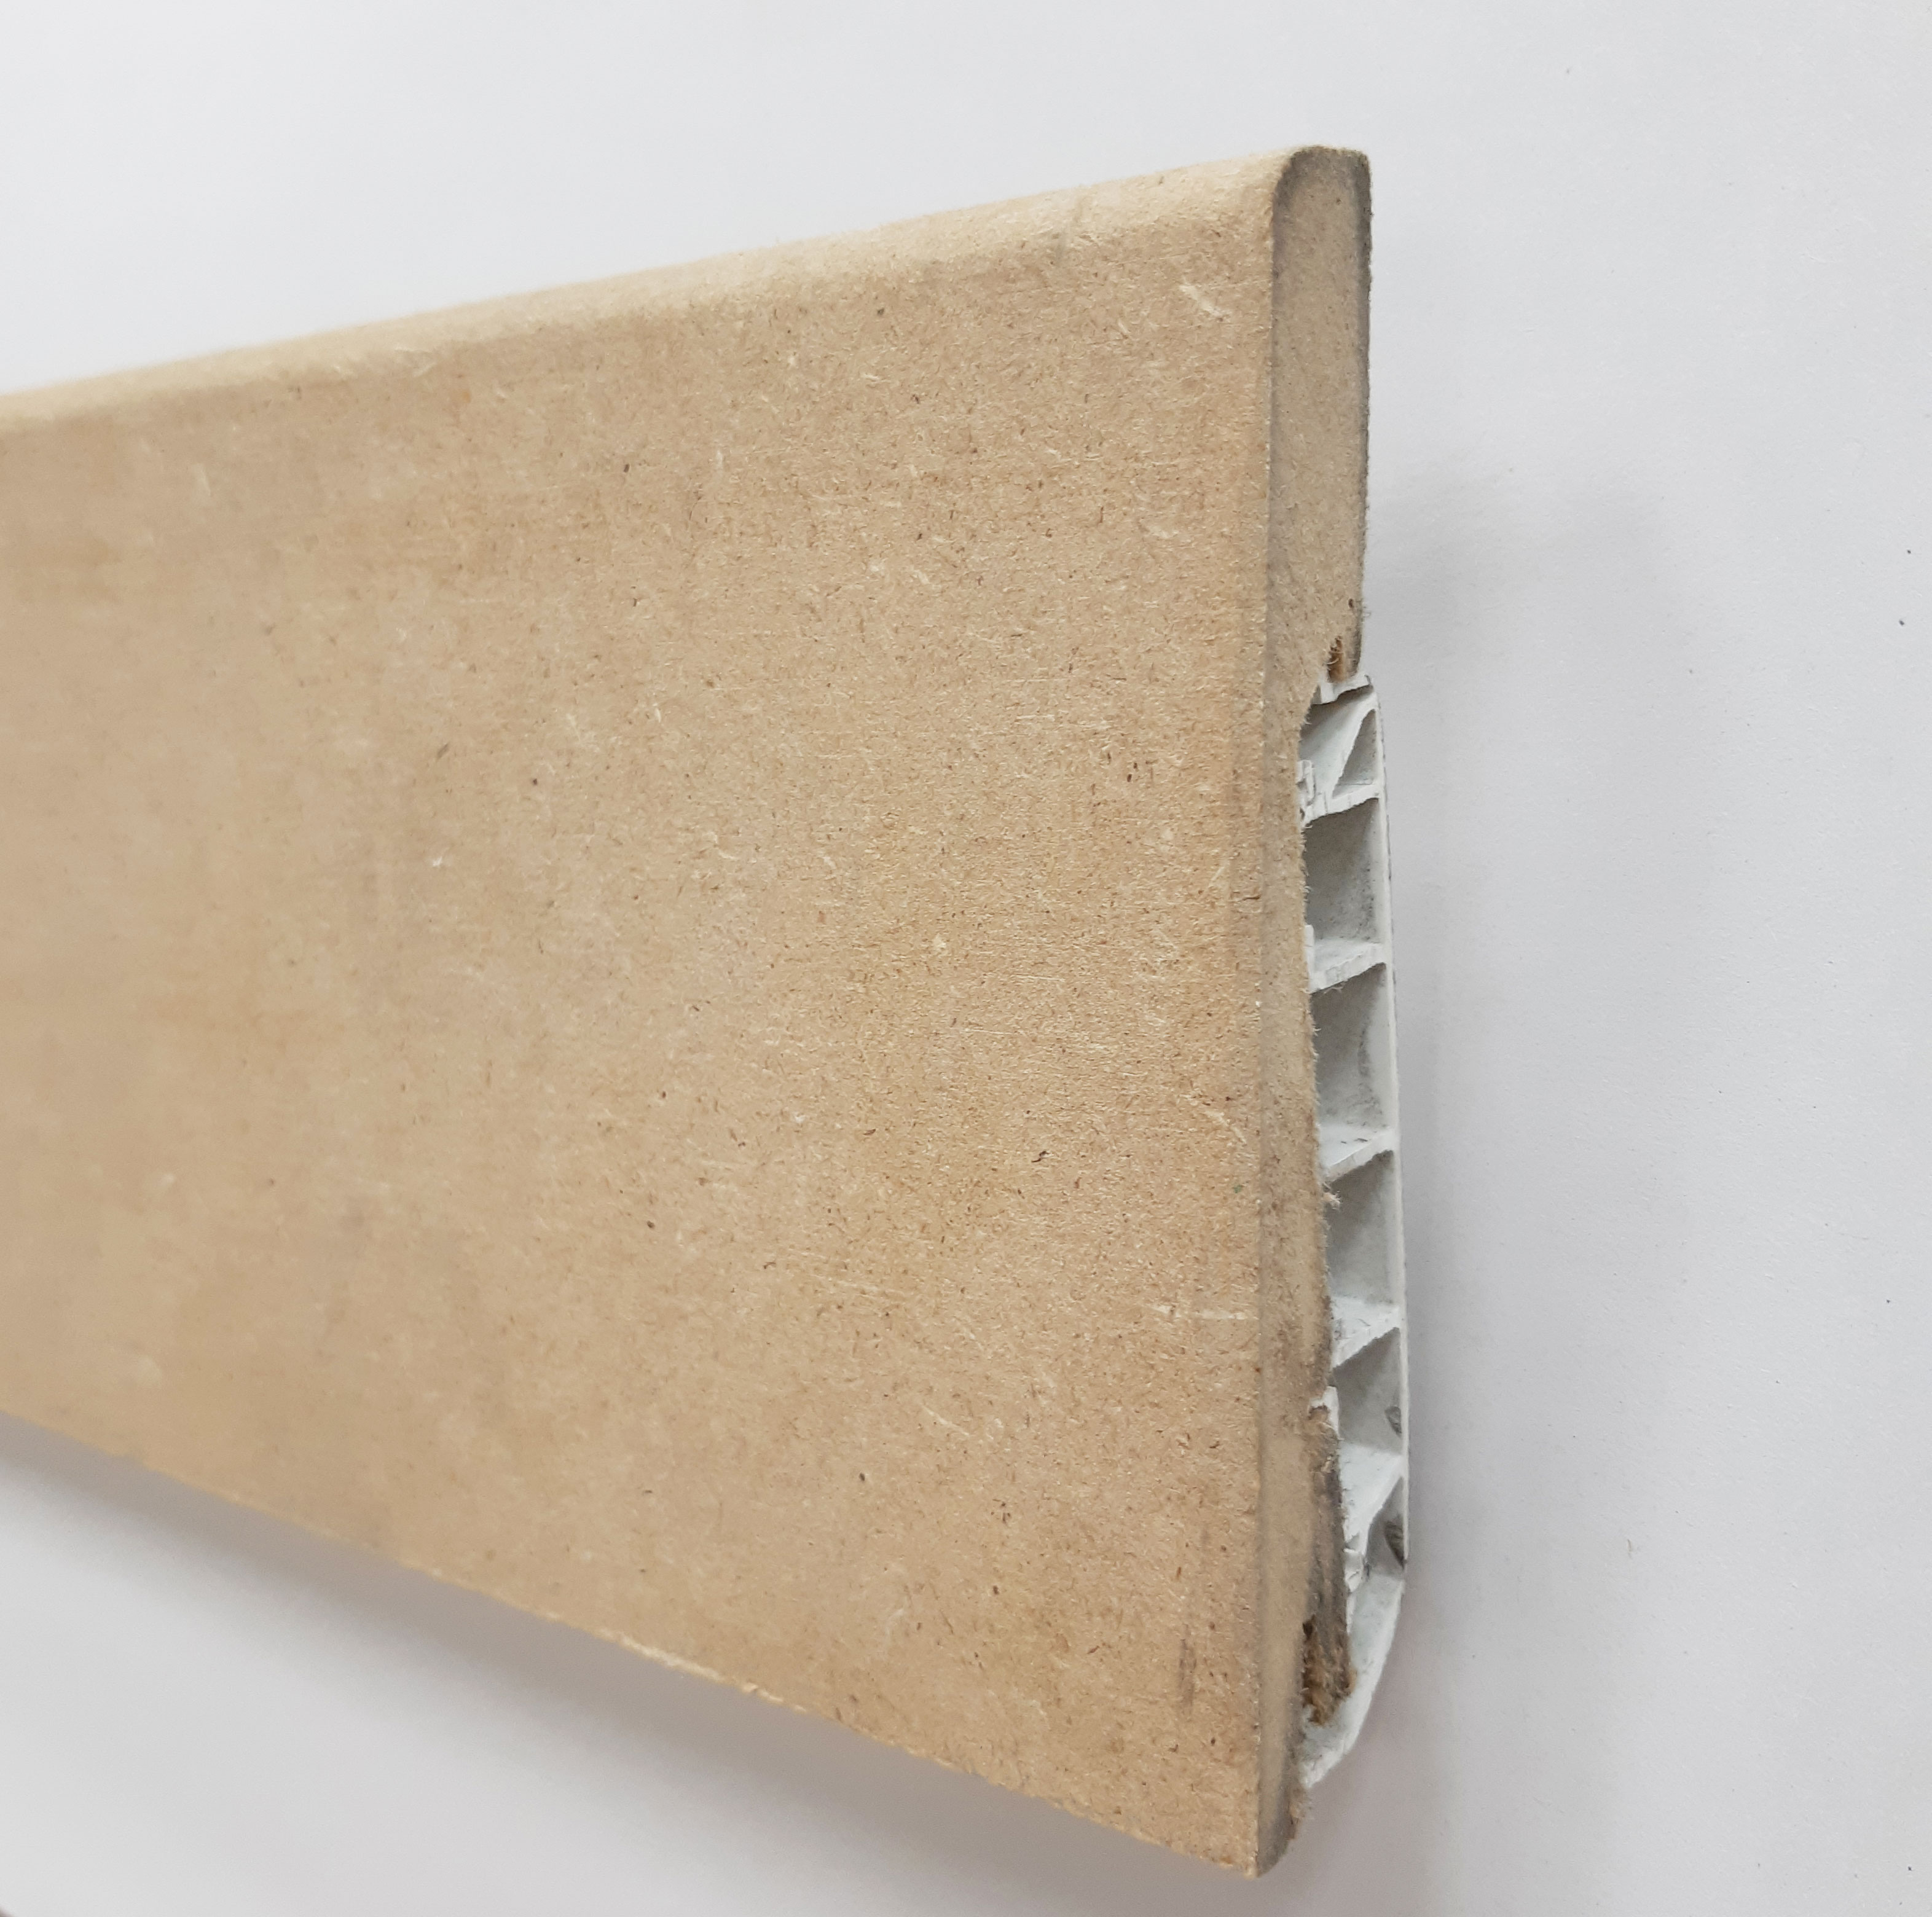 Plinthe de haute qualite - Plinthe electrique dinachoc avec goulotte mdf brut